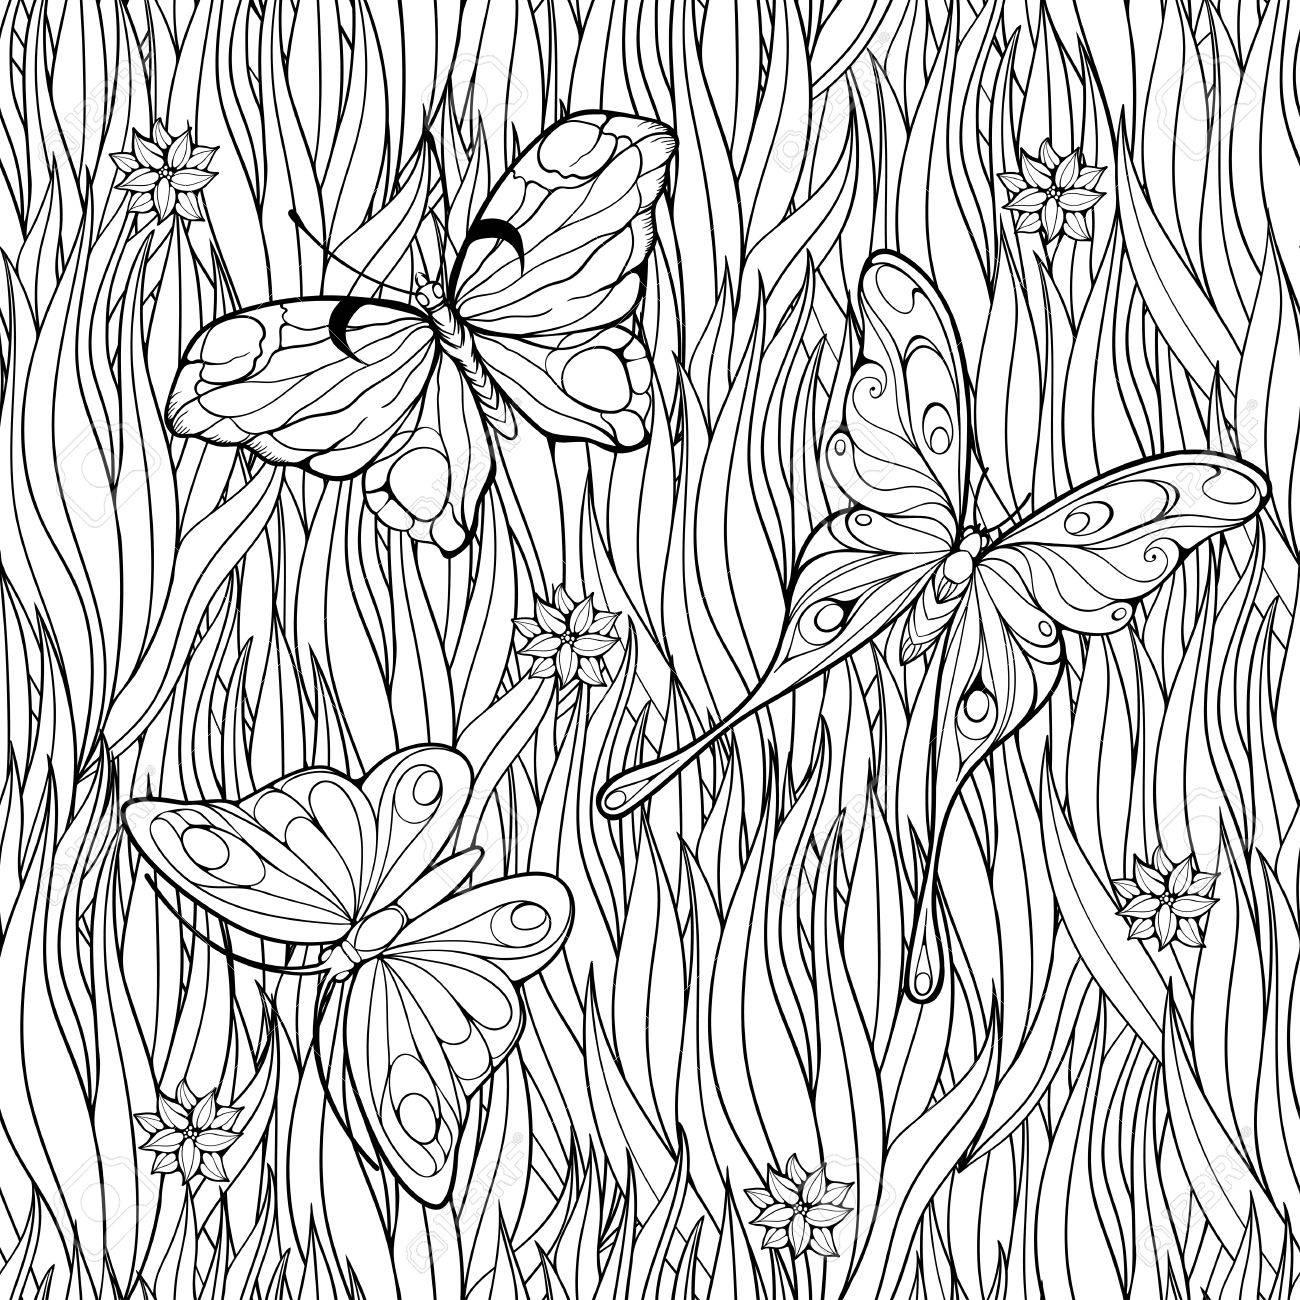 Malvorlage Mit Schmetterlingen über Gras Fliegen Und Blumen ...